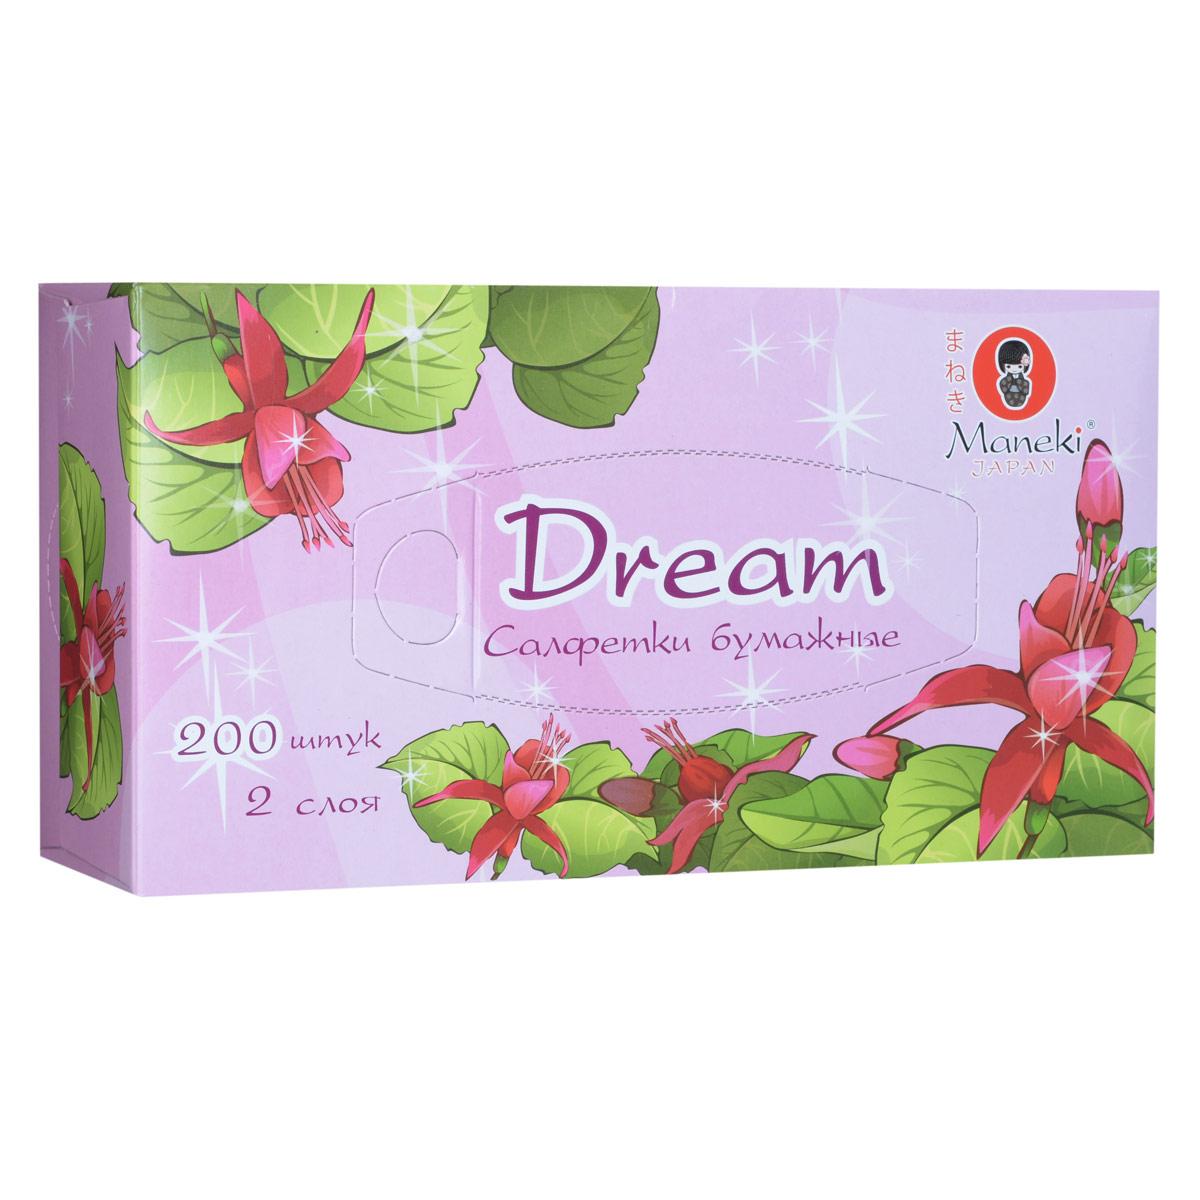 Maneki Салфетки бумажные Dream, двухслойные, цвет: розовый, 200 шт maneki салфетки бумажные dream двухслойные цвет голубой 200 шт